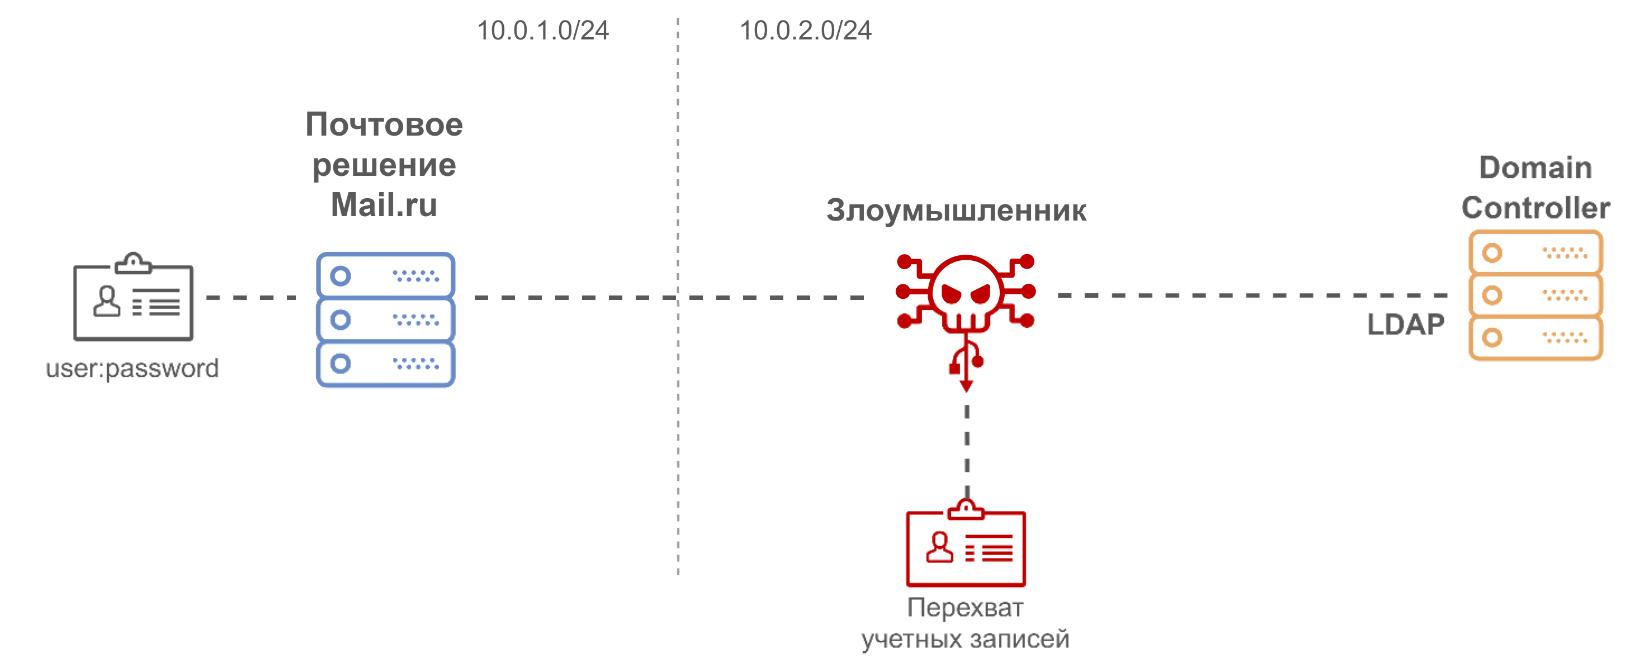 Как мы проводили аудит Корпоративной Почты Mail.ru — нашего нового сервиса для крупного бизнеса - 6